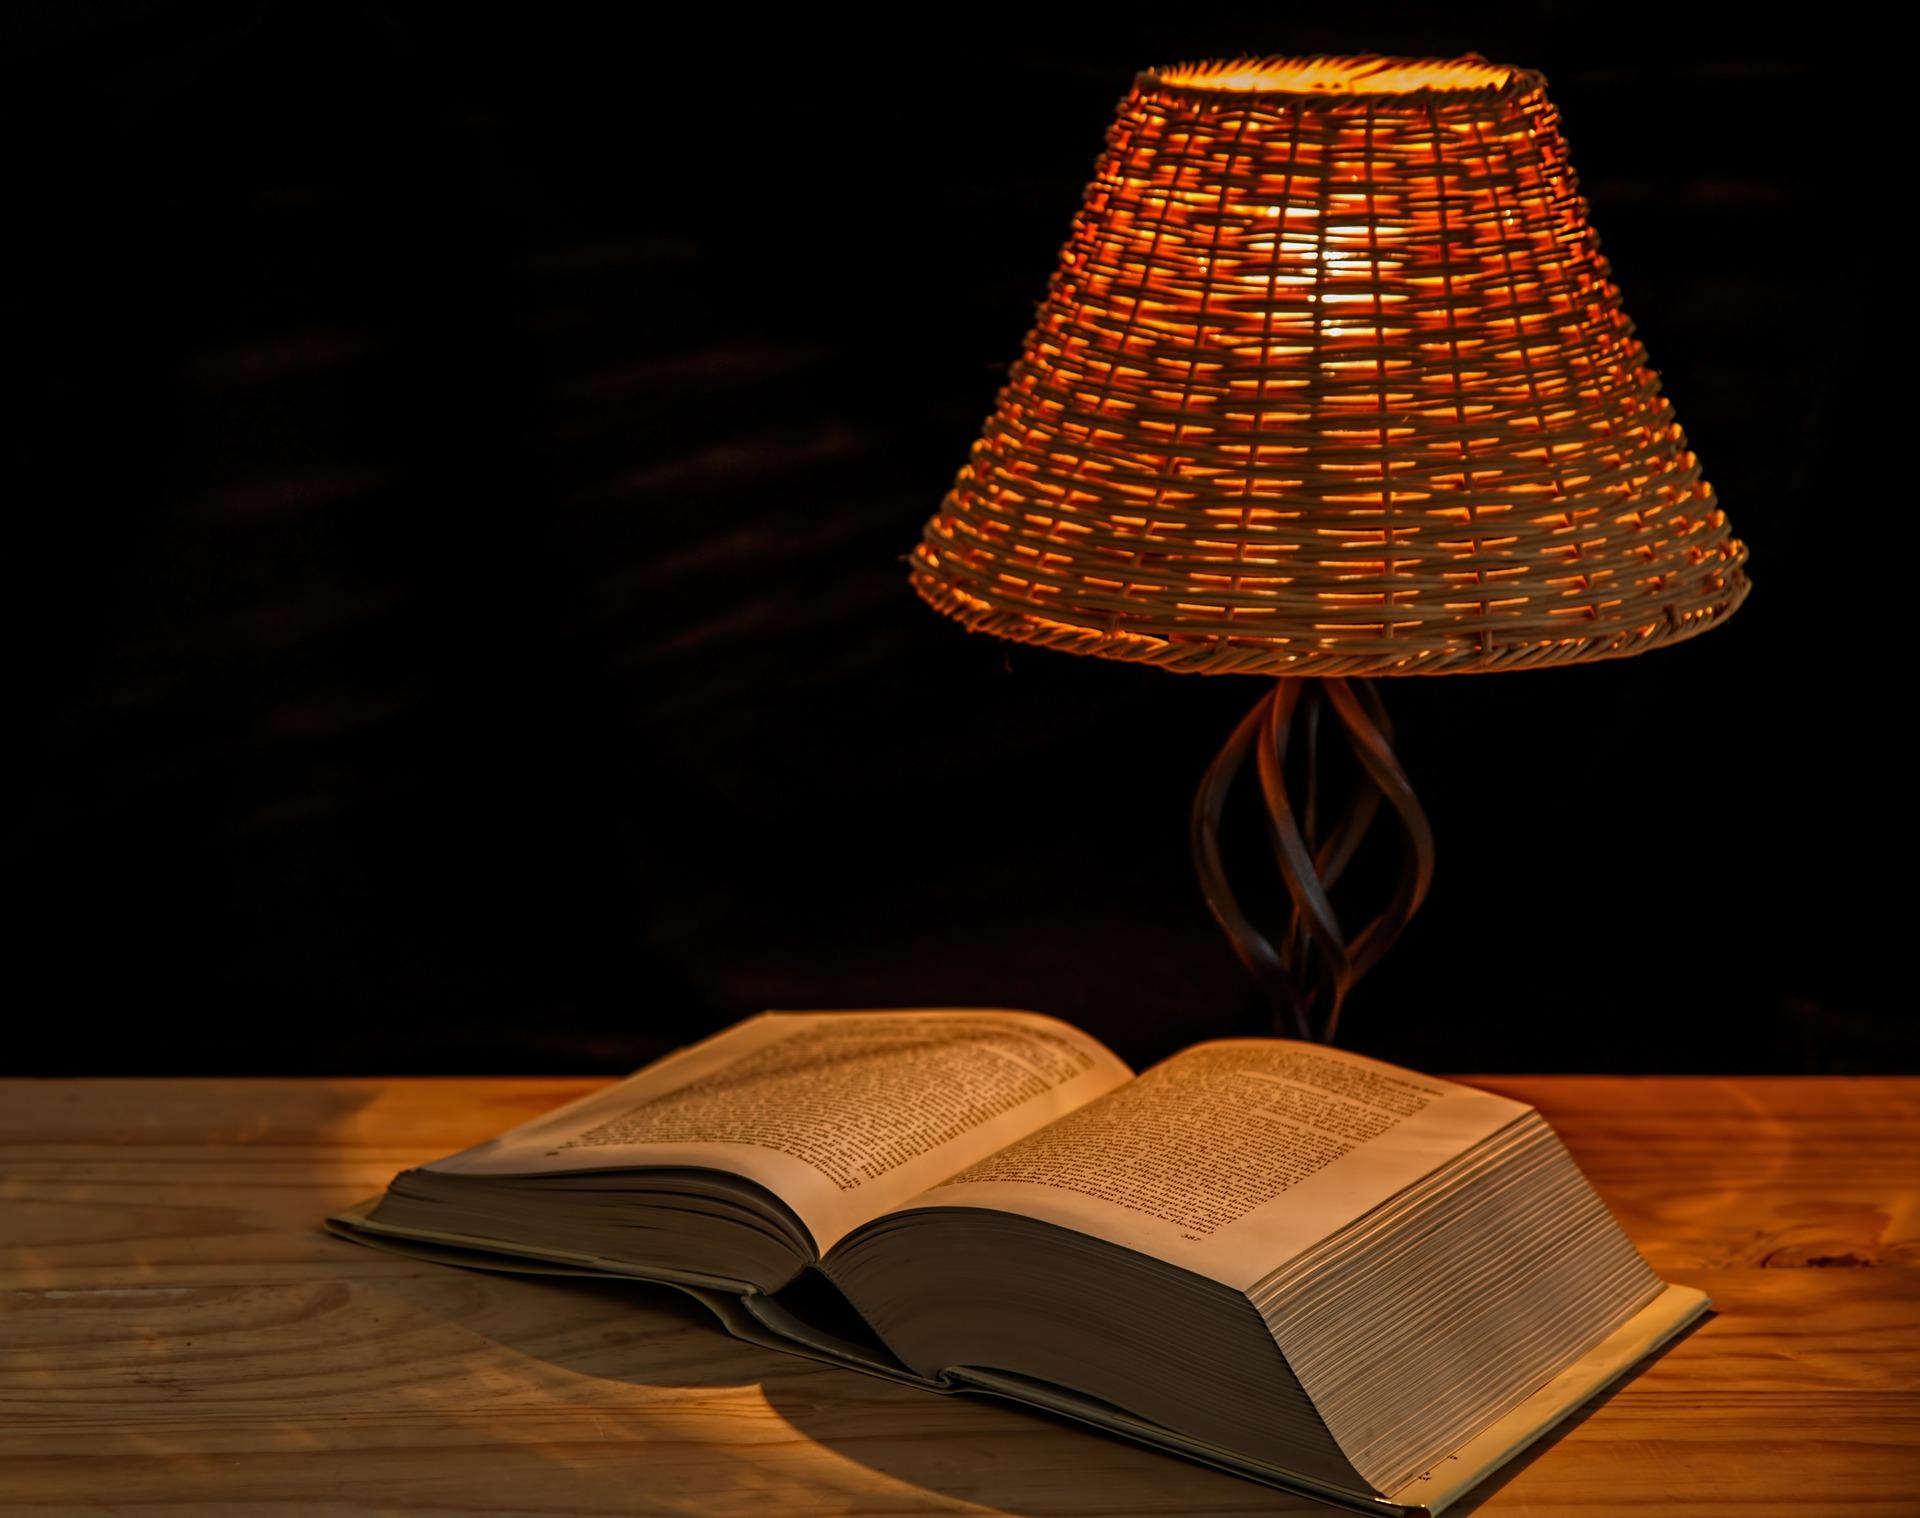 Vhodné světlo na čtení knih